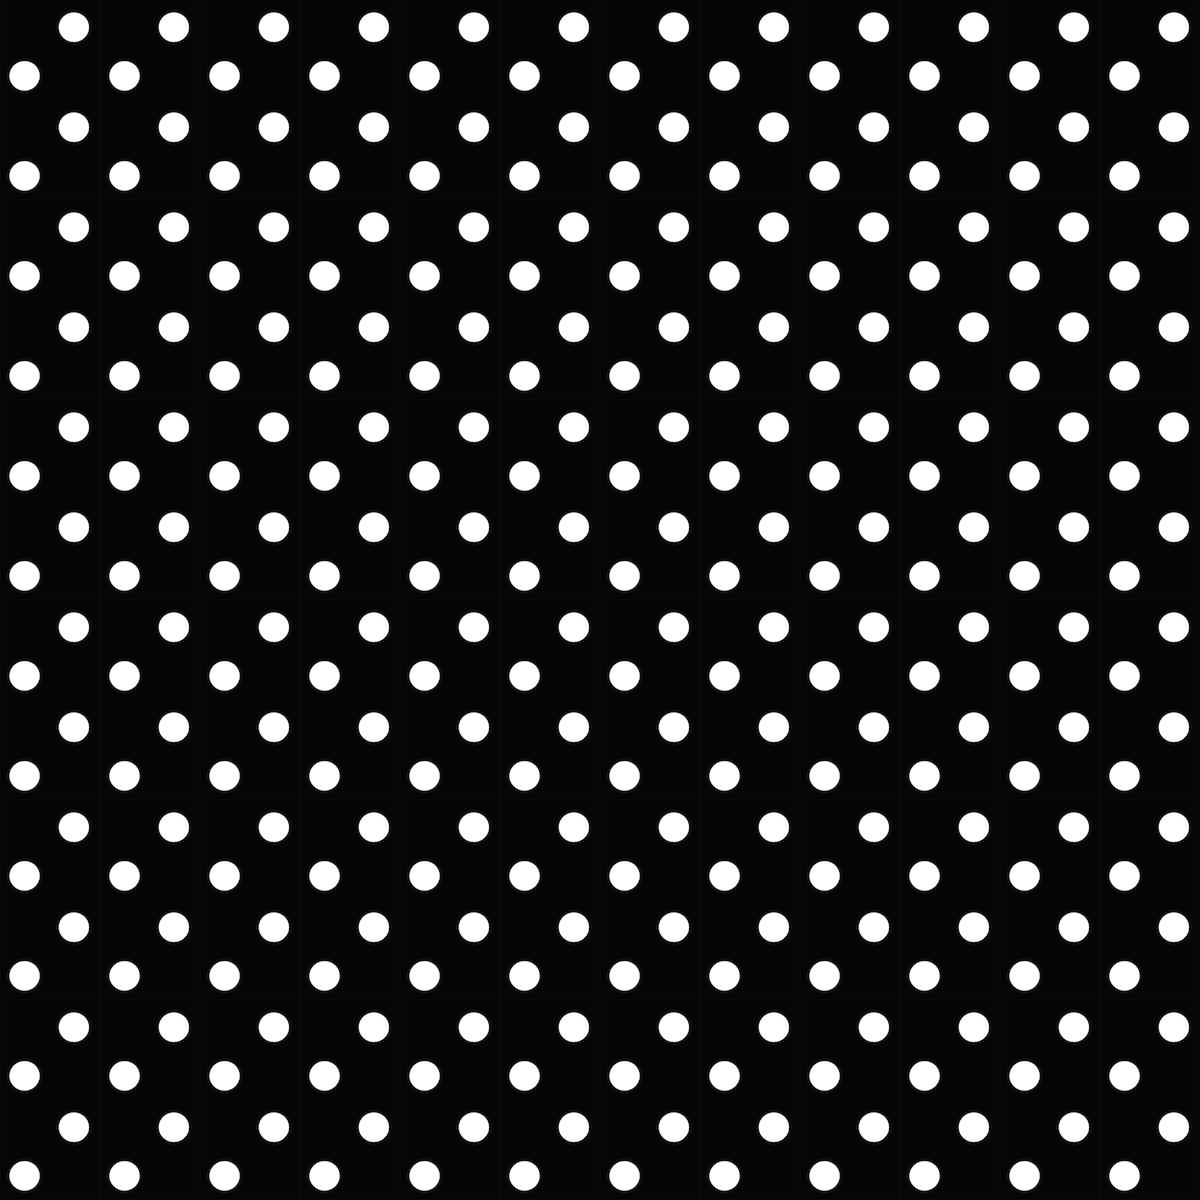 BlackPolkaPaper8